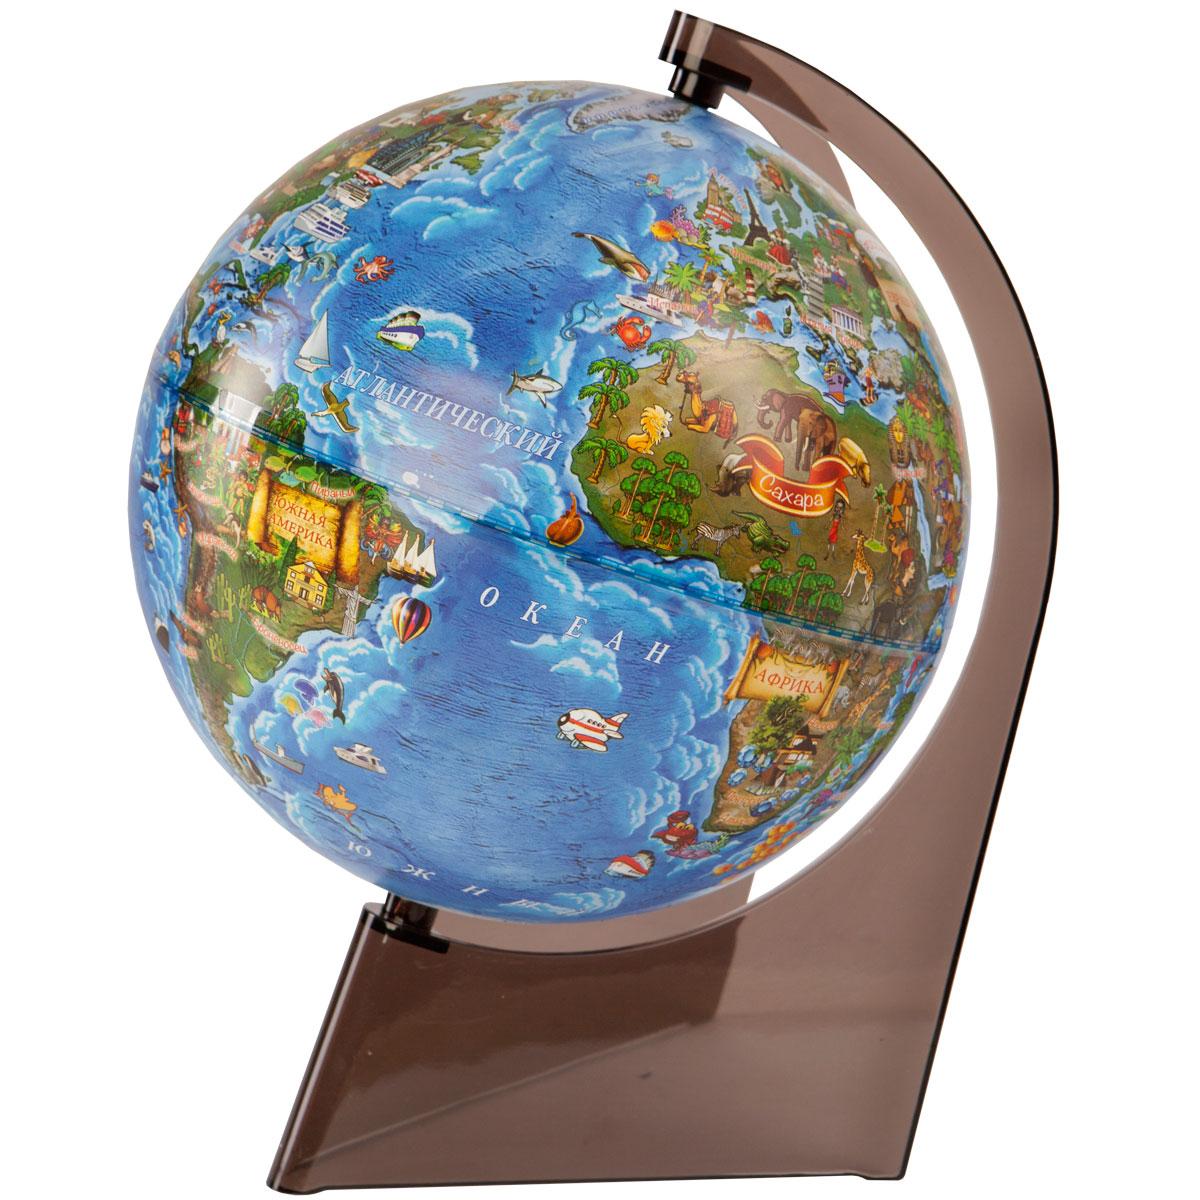 Глобус Земли для детей диаметр 210 мм на треугольной подставке